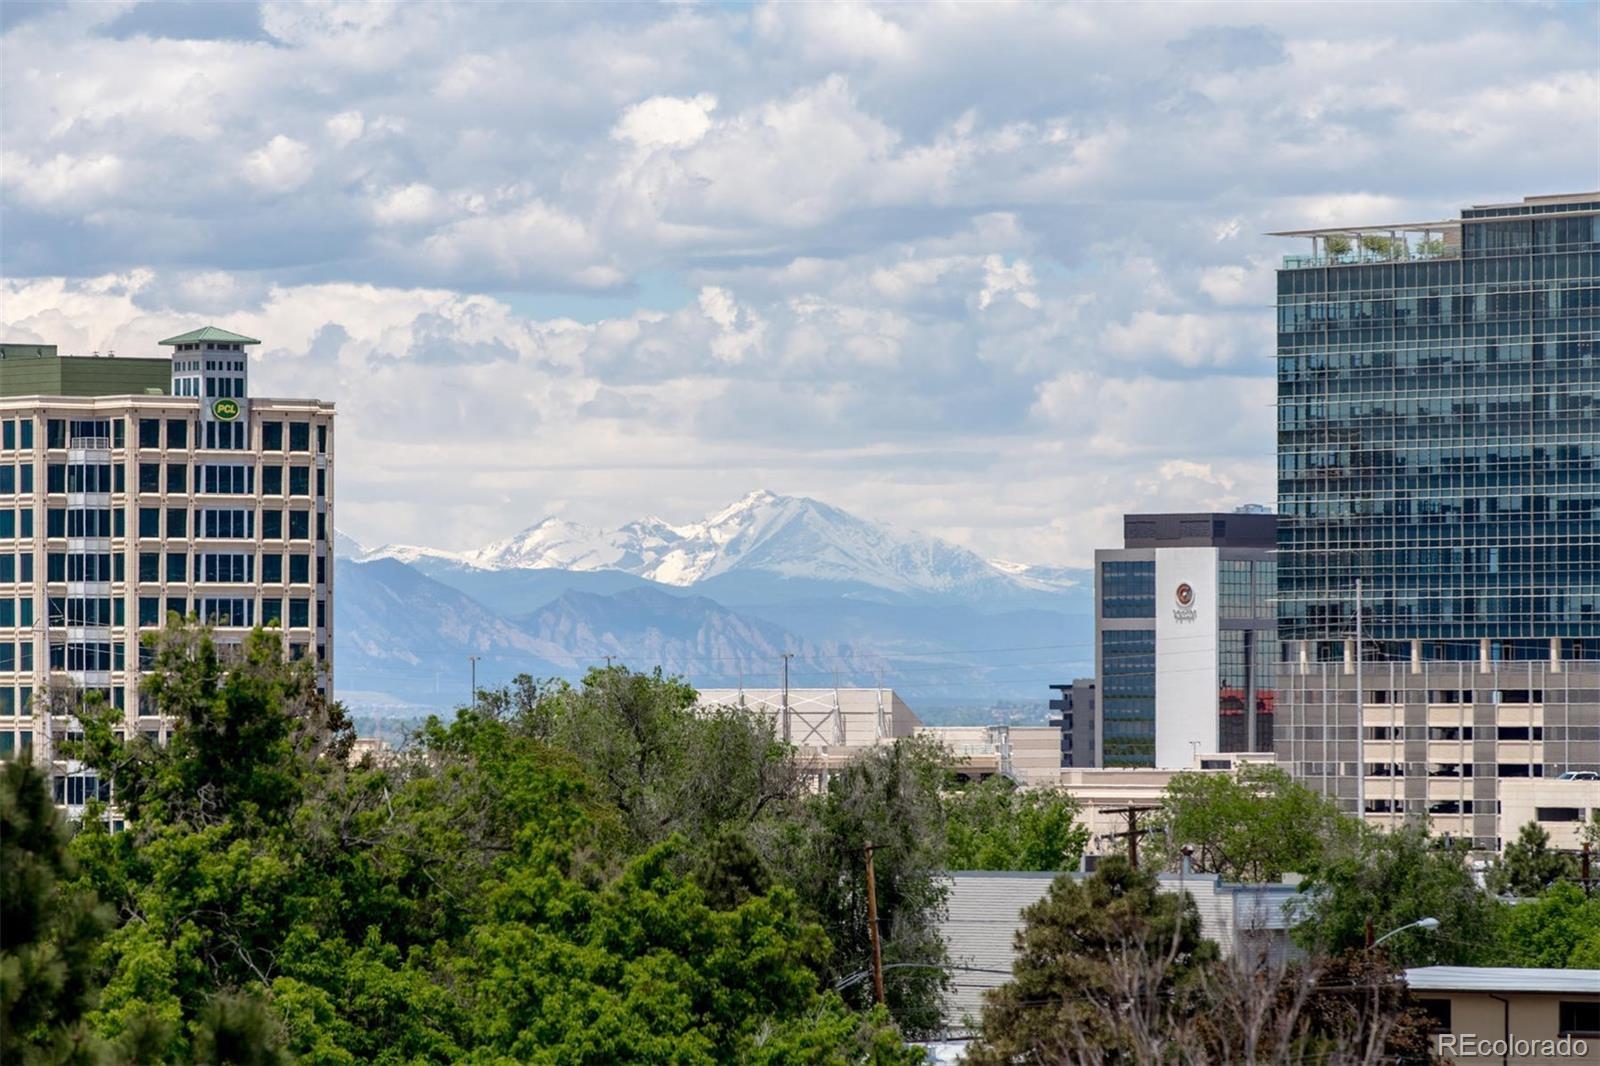 MLS# 2896004 - 33 - 4763 E Iliff Avenue, Denver, CO 80222